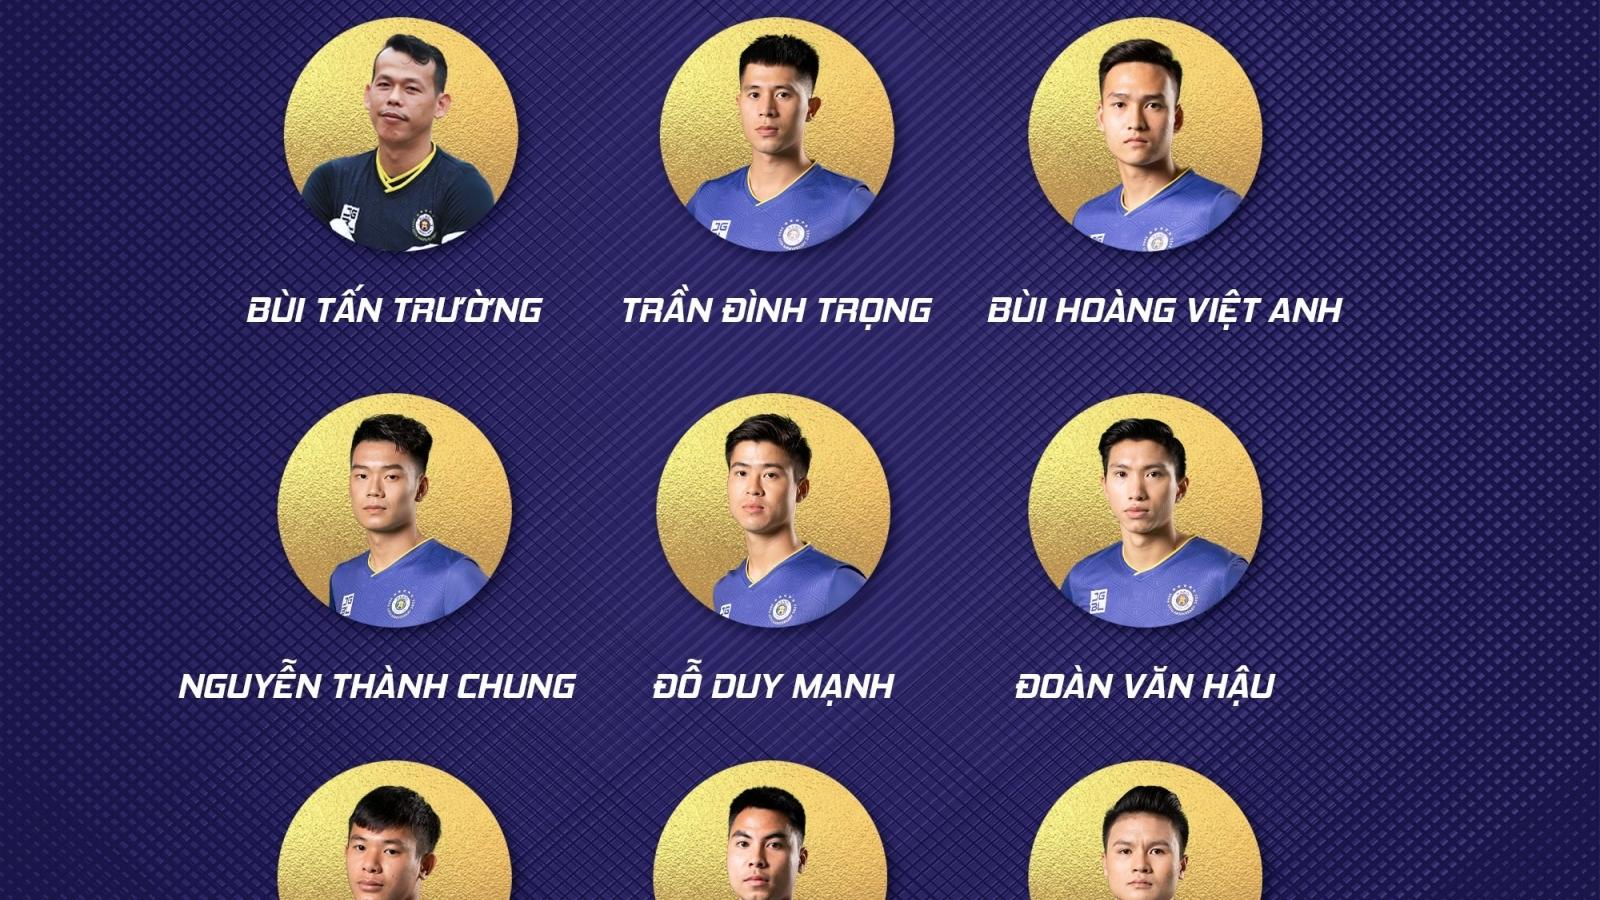 Hà Nội FC áp đảo ở danh sách ĐT Việt Nam, HAGL đứng thứ 2